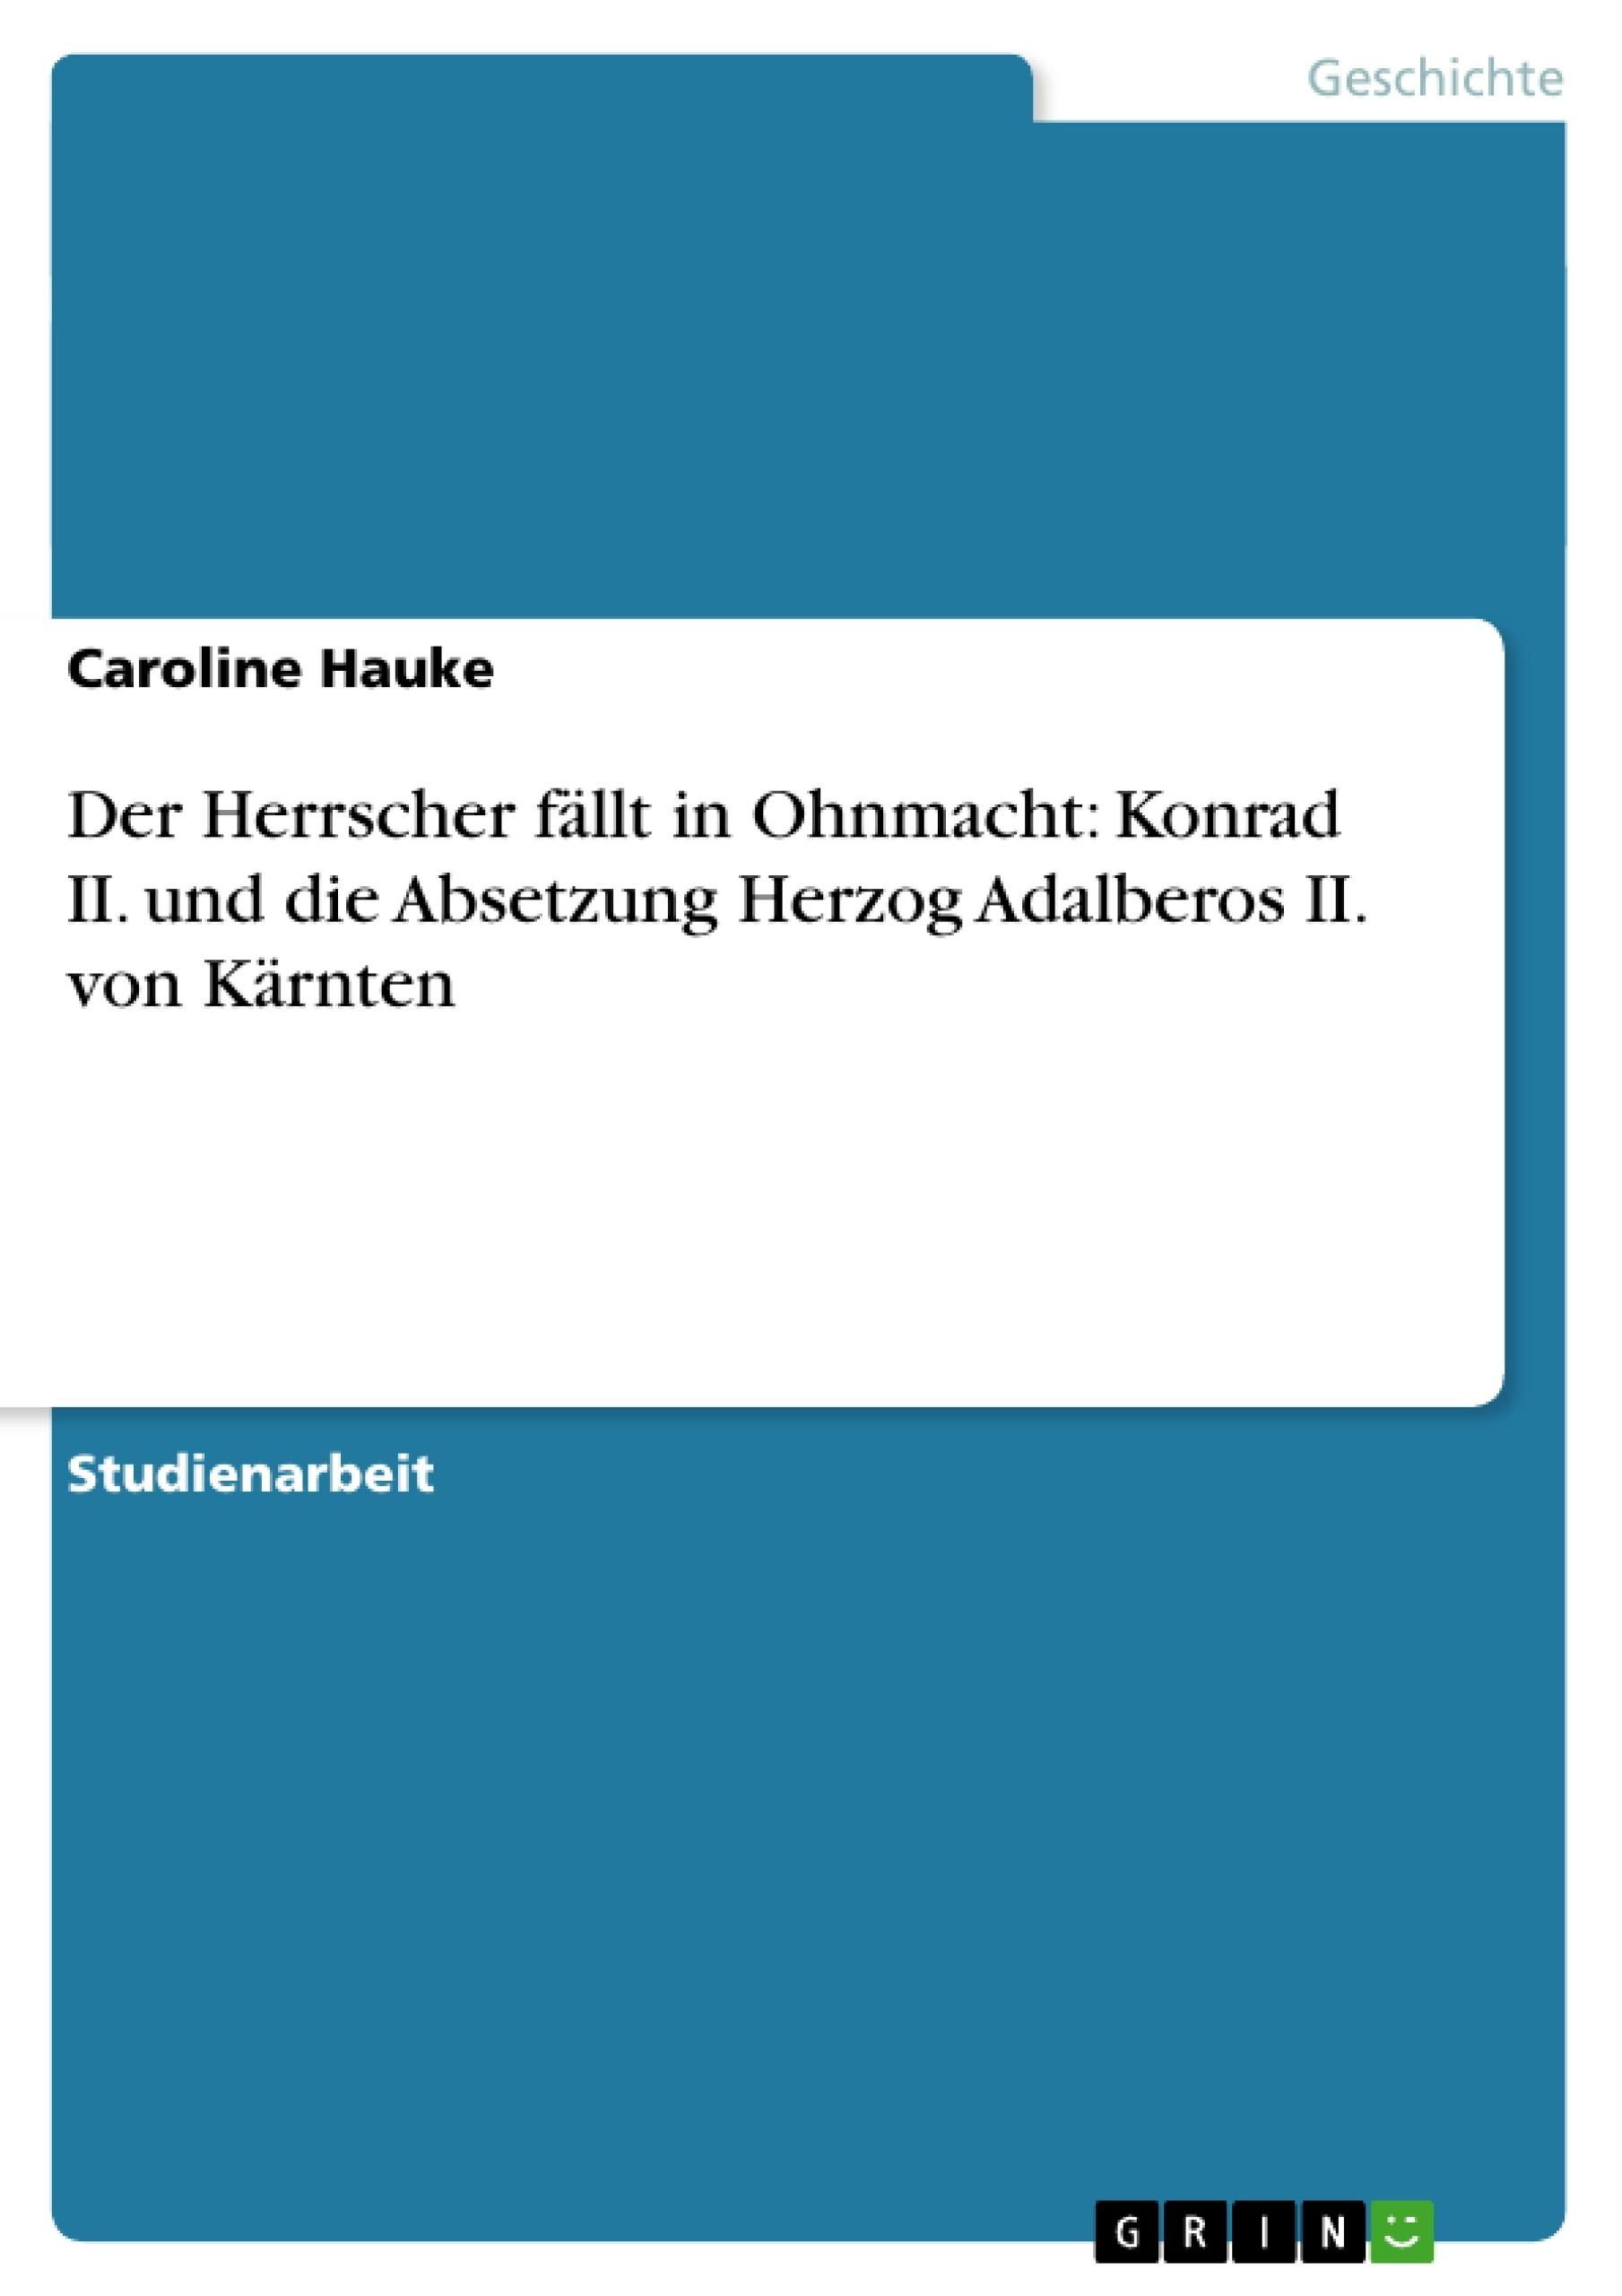 Titel: Der Herrscher fällt in Ohnmacht: Konrad II. und die Absetzung Herzog Adalberos II. von Kärnten